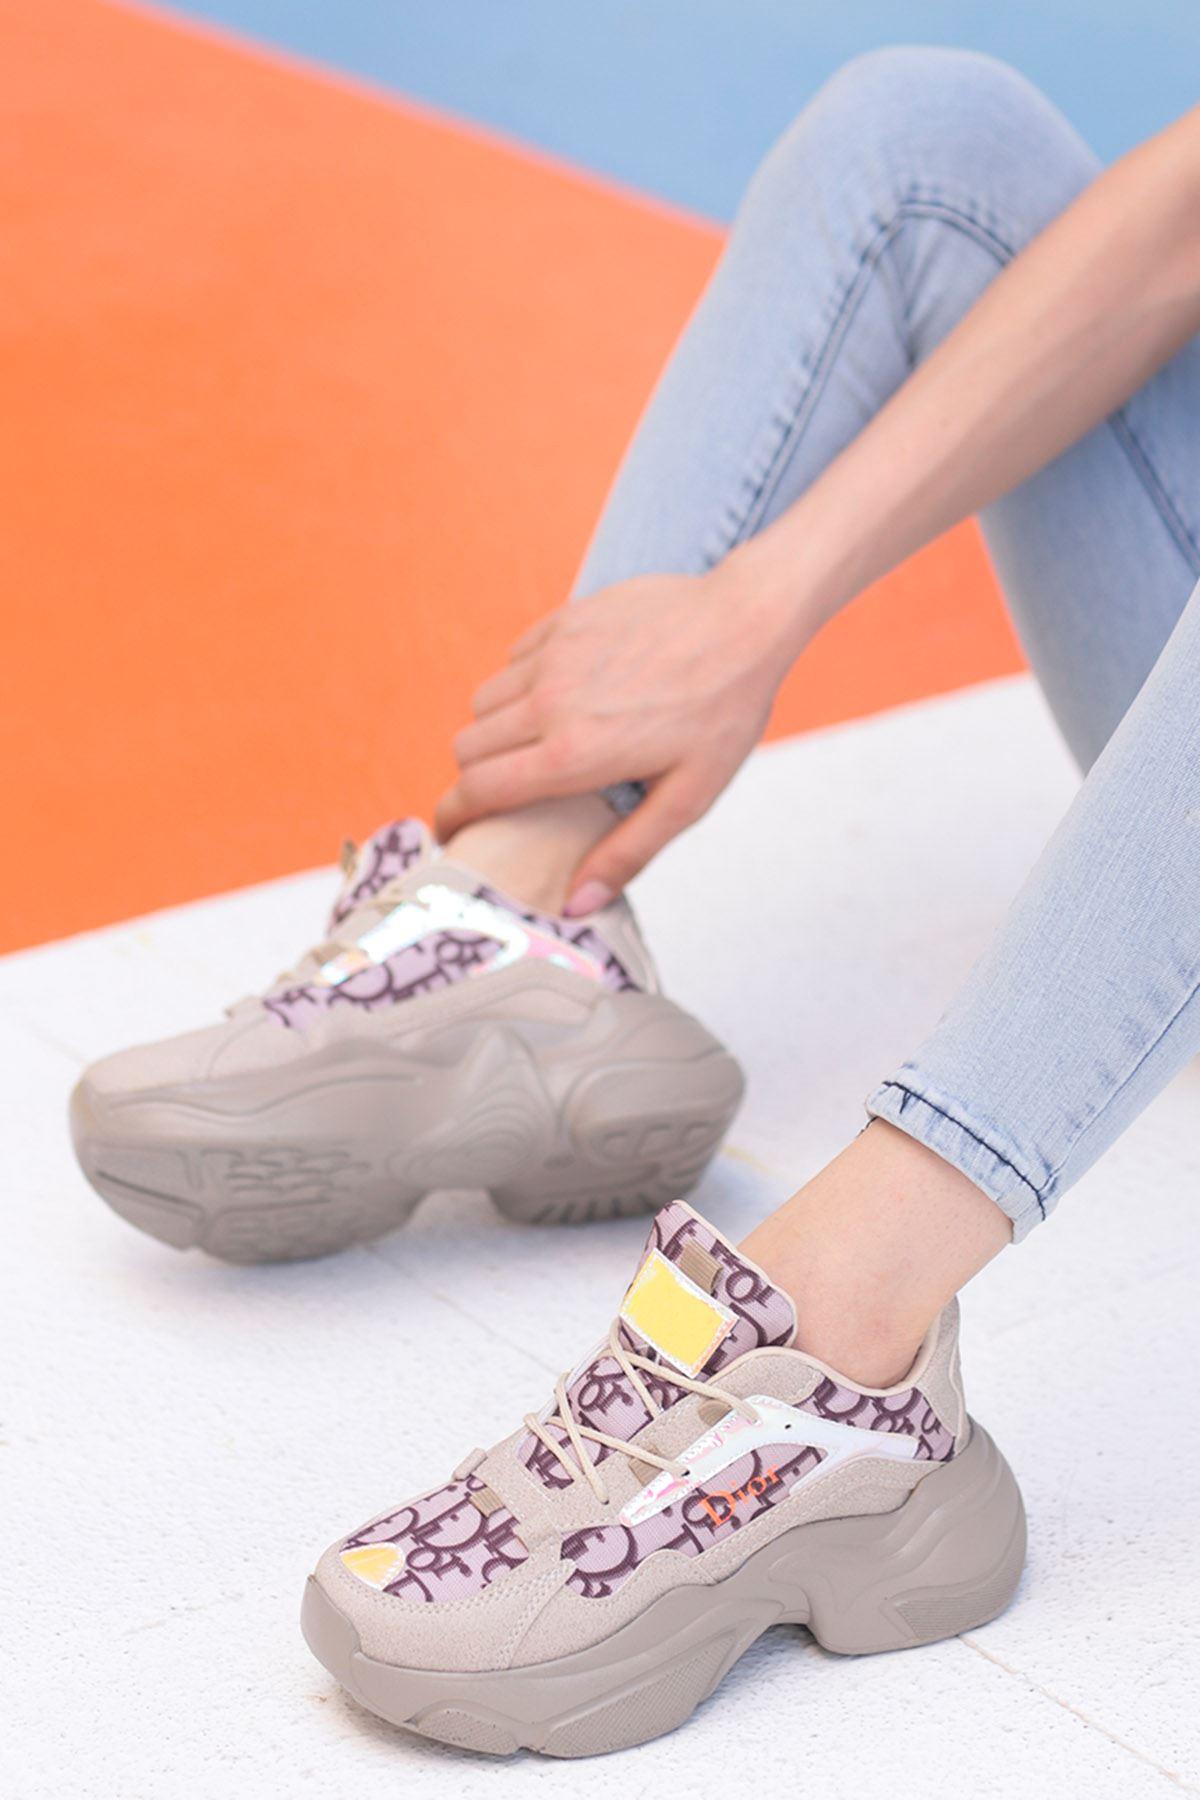 Sidney Tabanlı Spor Ayakkabı Bej Desenli